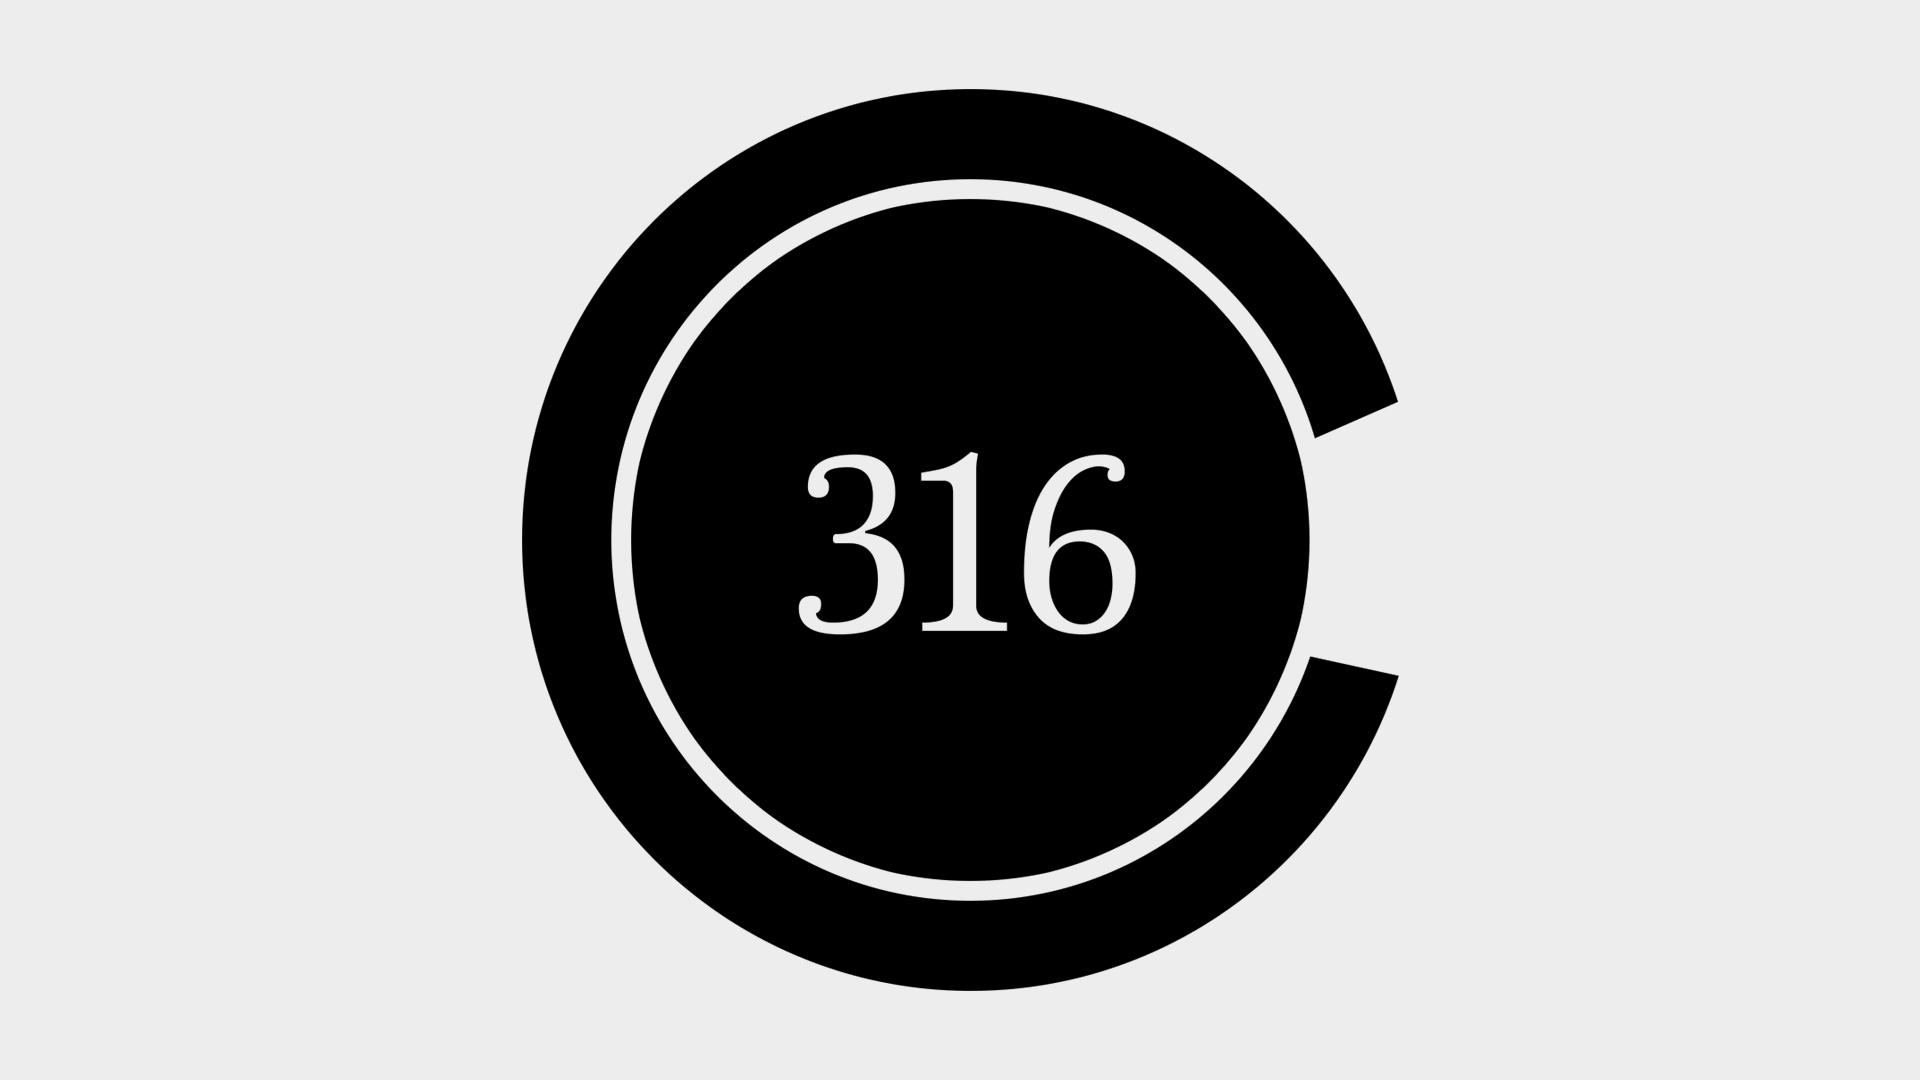 Calvary316